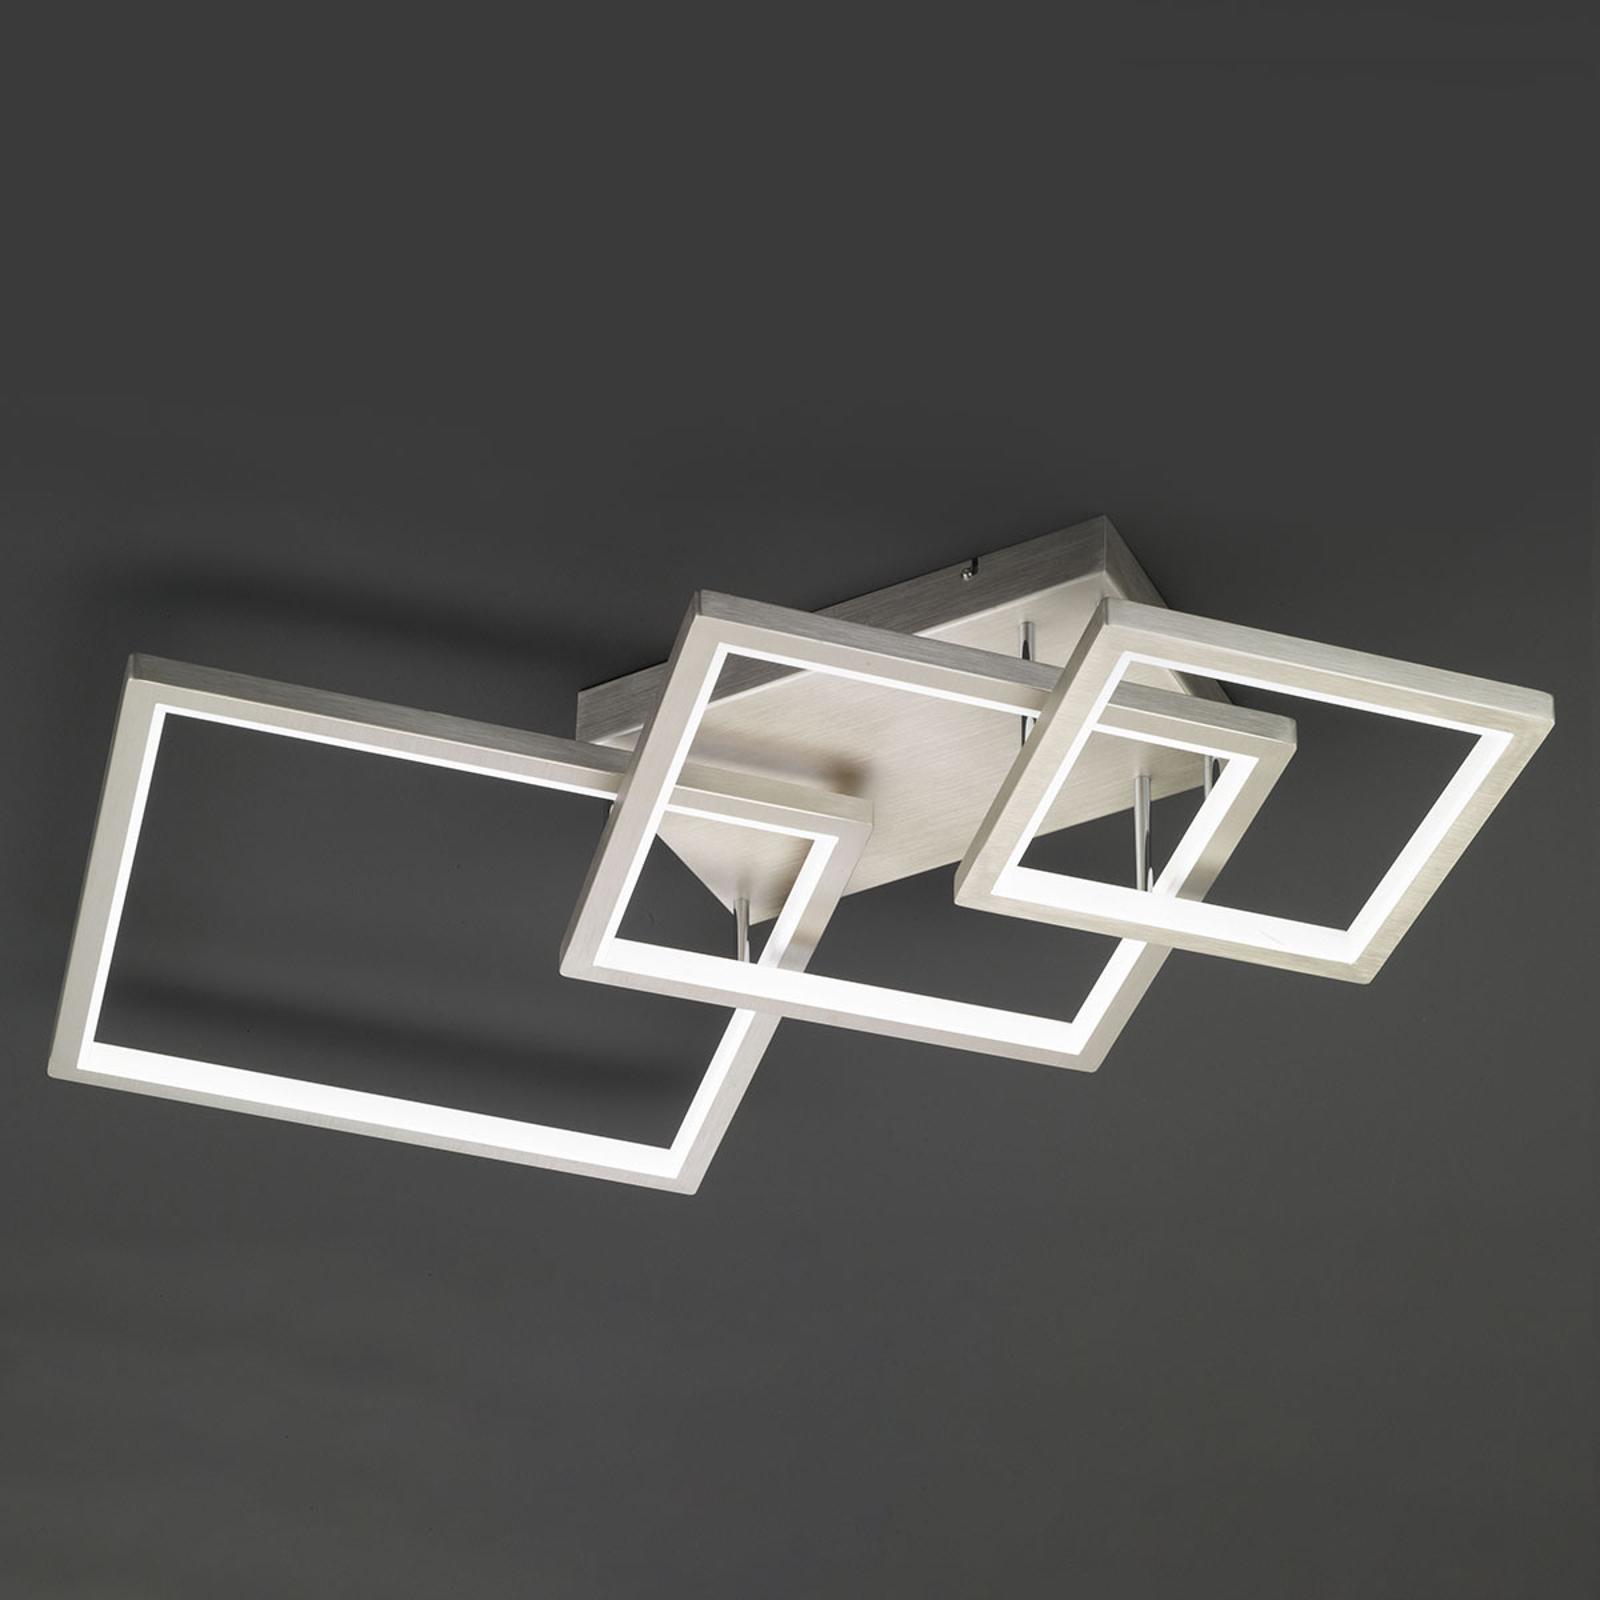 Per Wandschalter dimmbar - LED-Deckenleuchte Viso